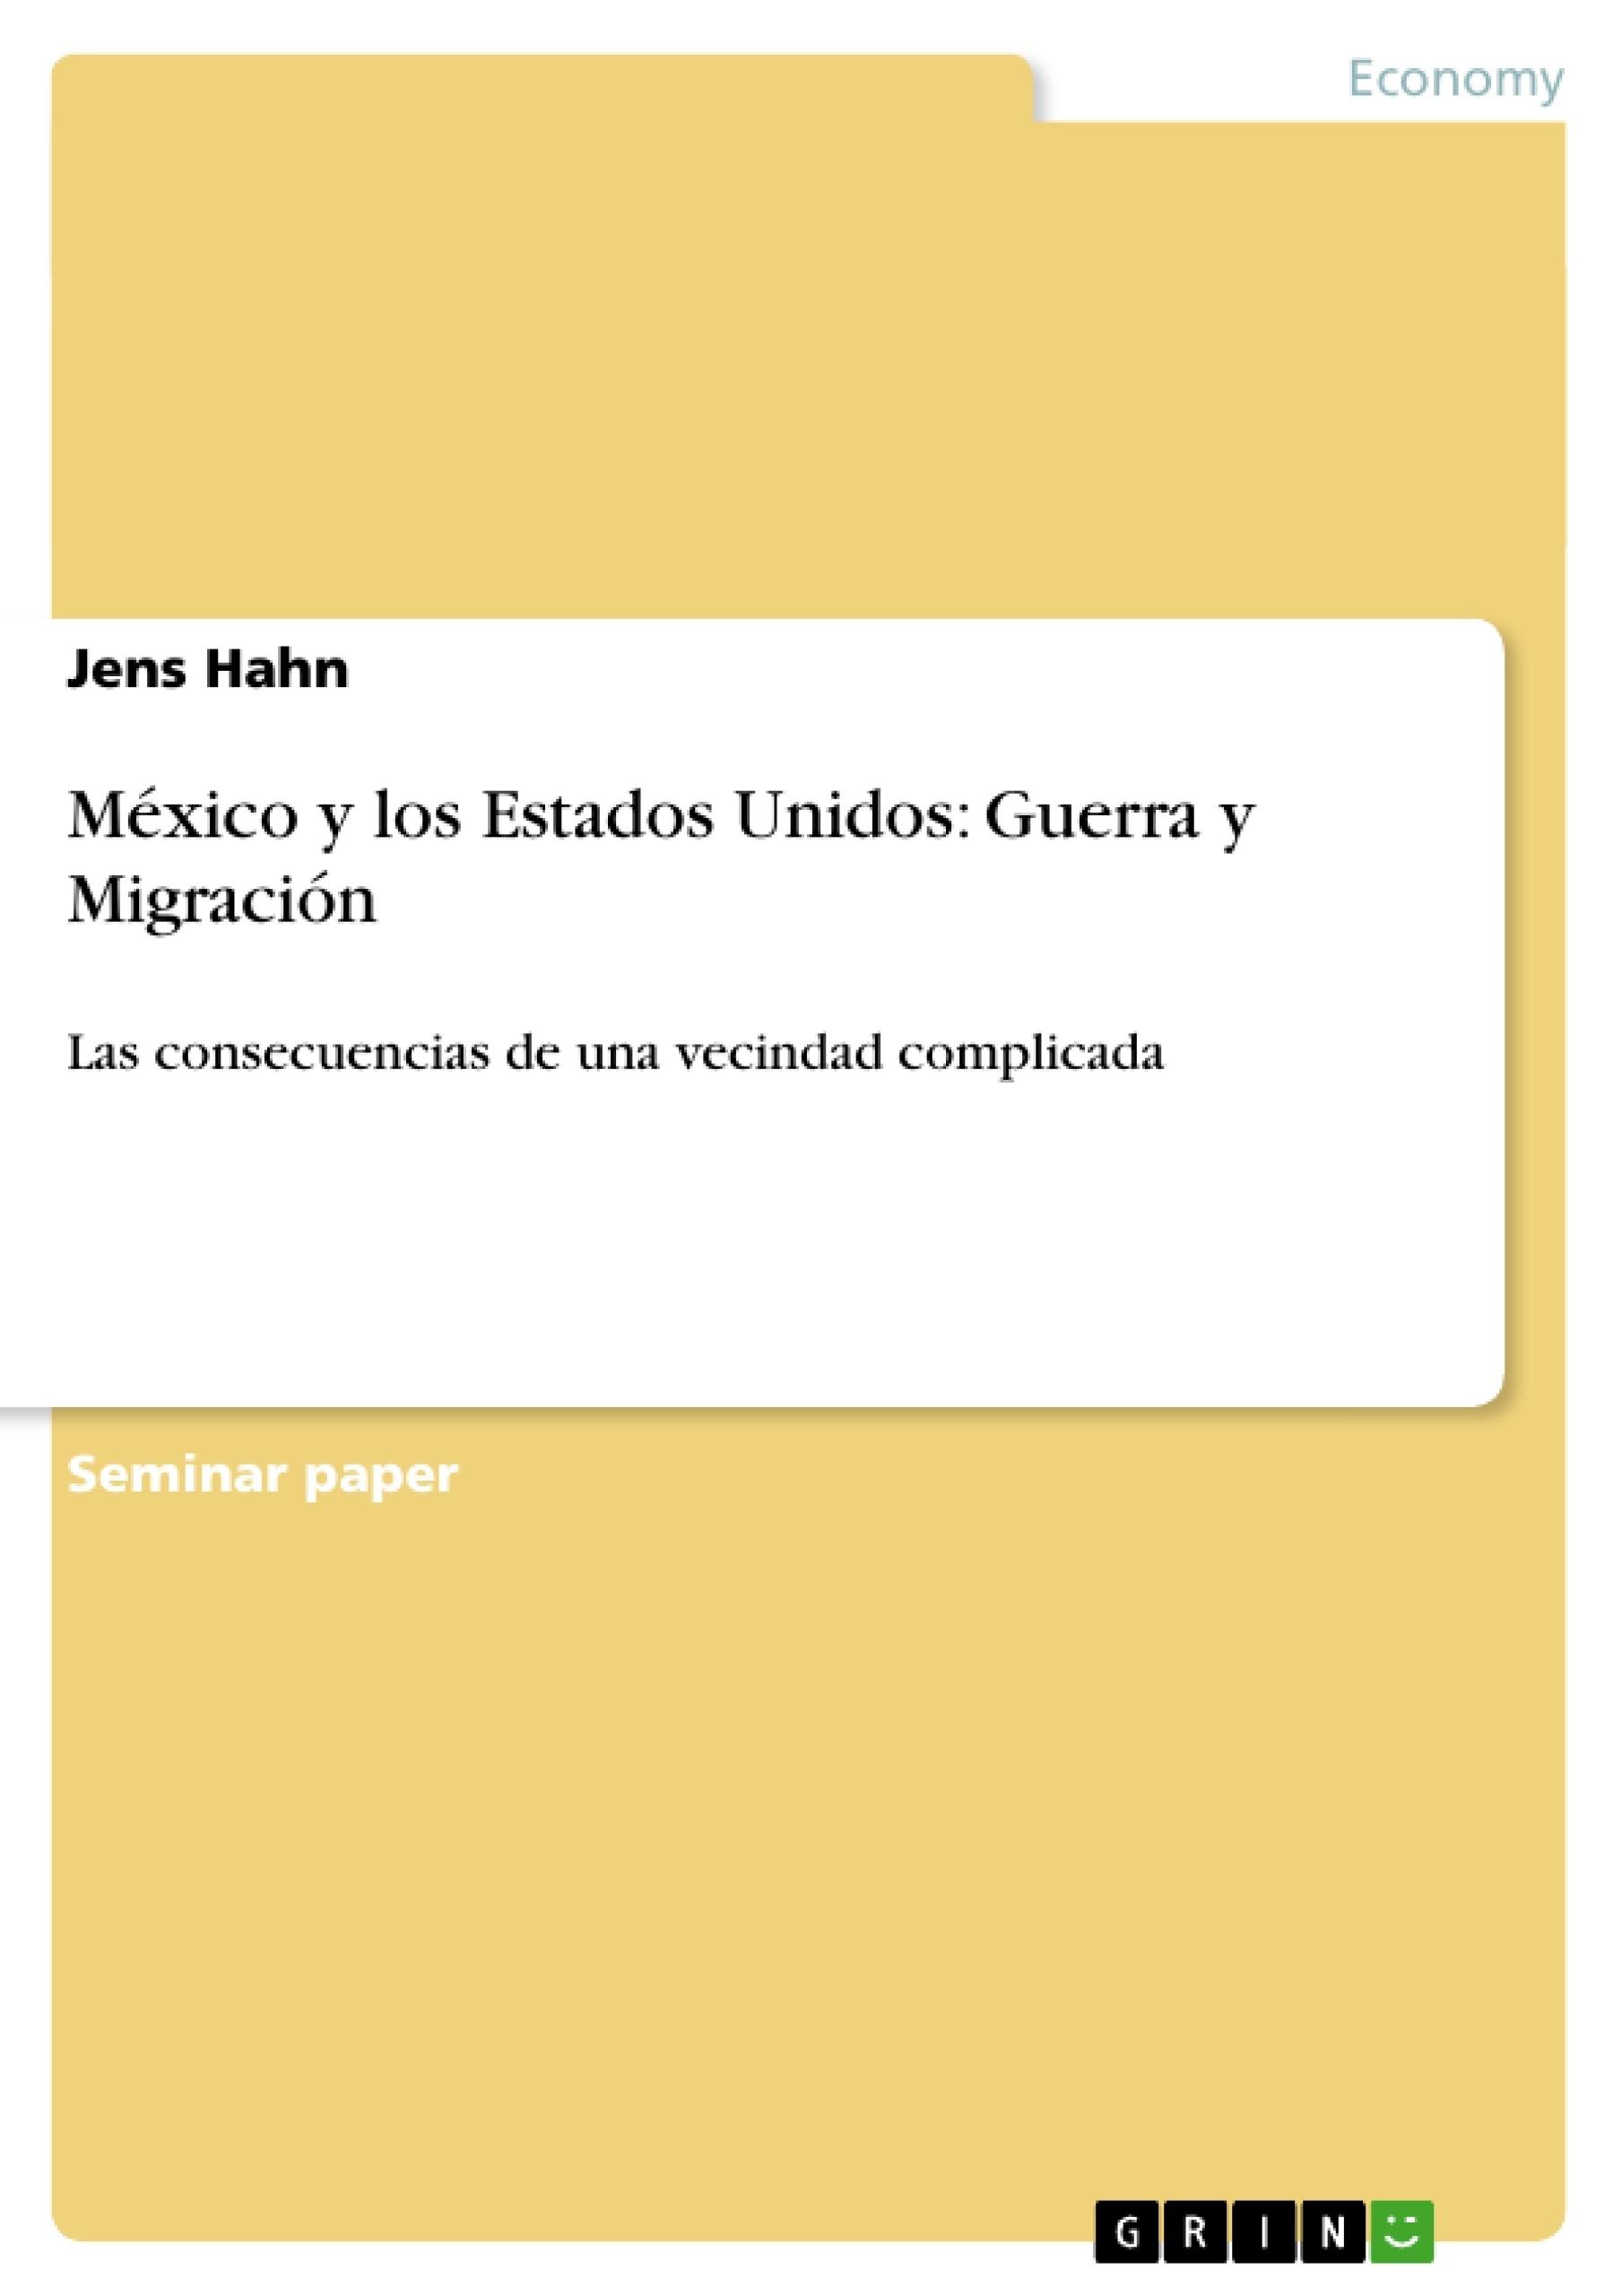 Título: México y los Estados Unidos: Guerra y Migración